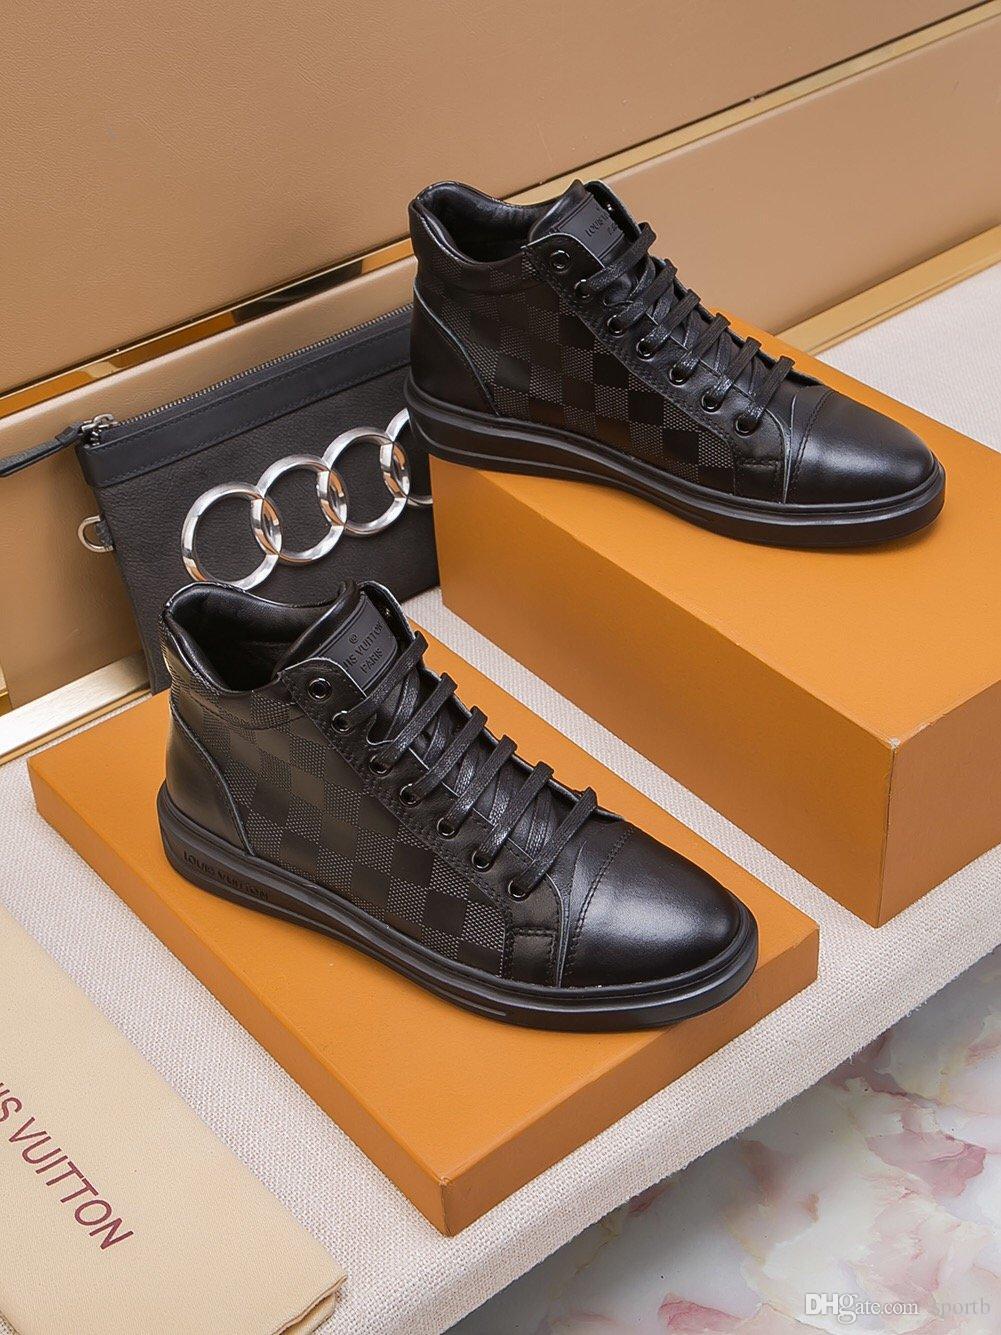 Louis vuitton 2019 A6 Hochwertige Art und Weise flache Freizeitschuhe Herrenschuhe, Luxus-High-Top-Spitze-oben Turnschuhe original Box-Verpackung Zapatos Hombre